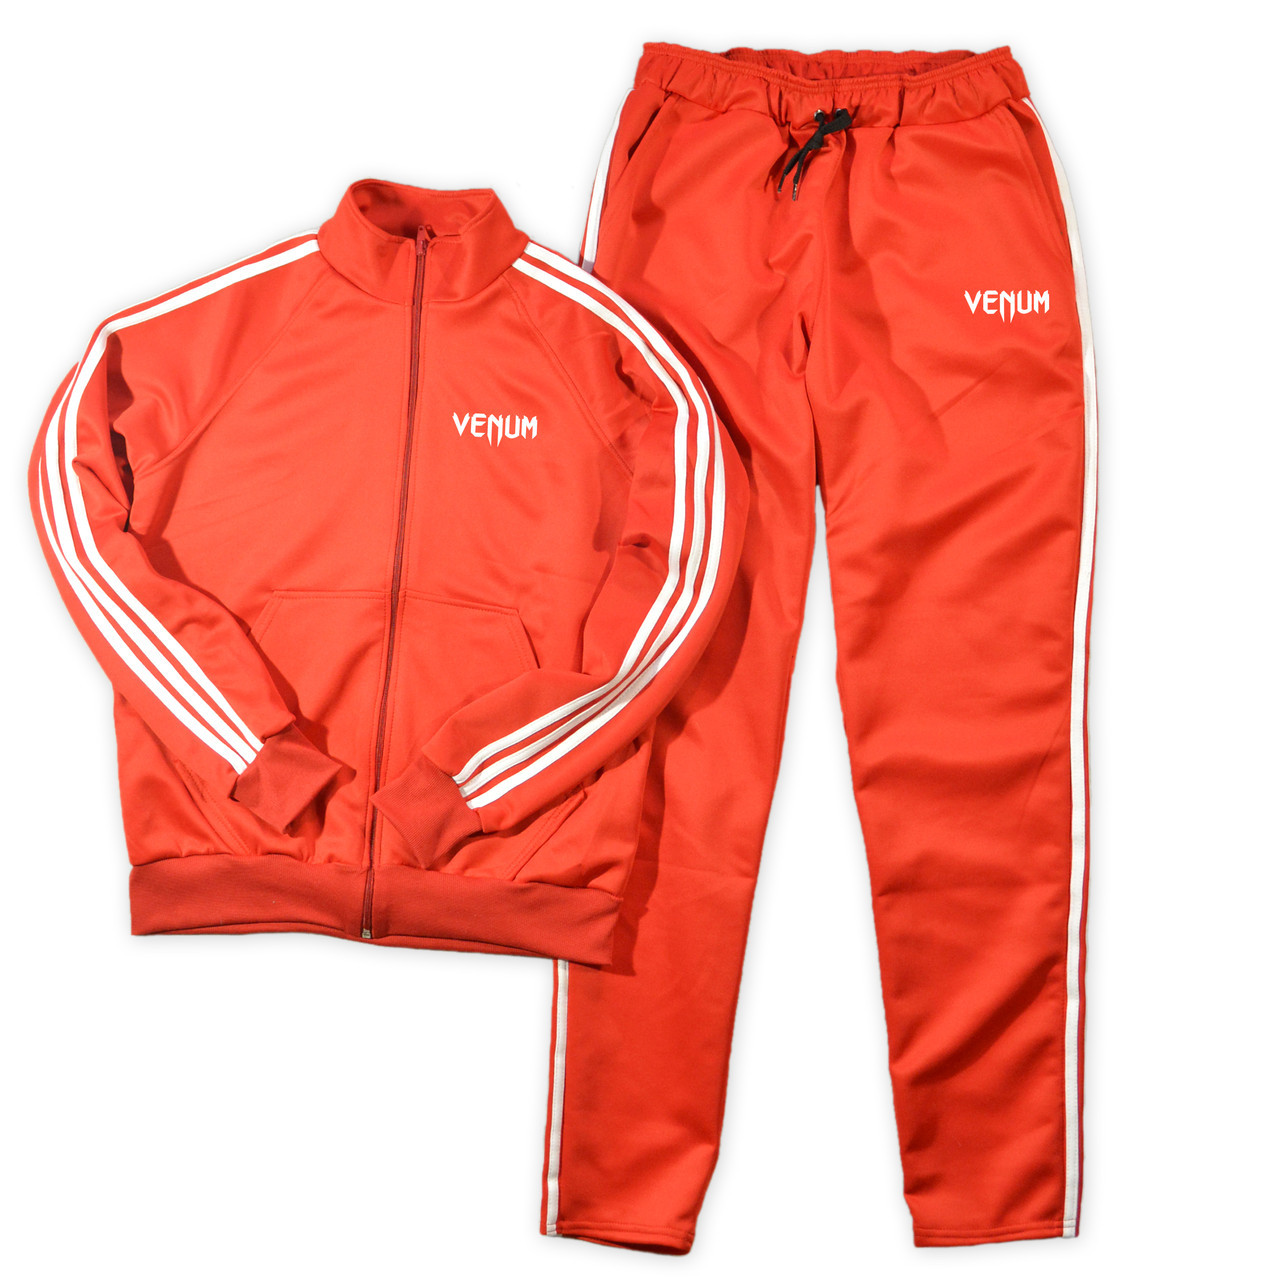 Мужской спортивный костюм Venum для тренировок